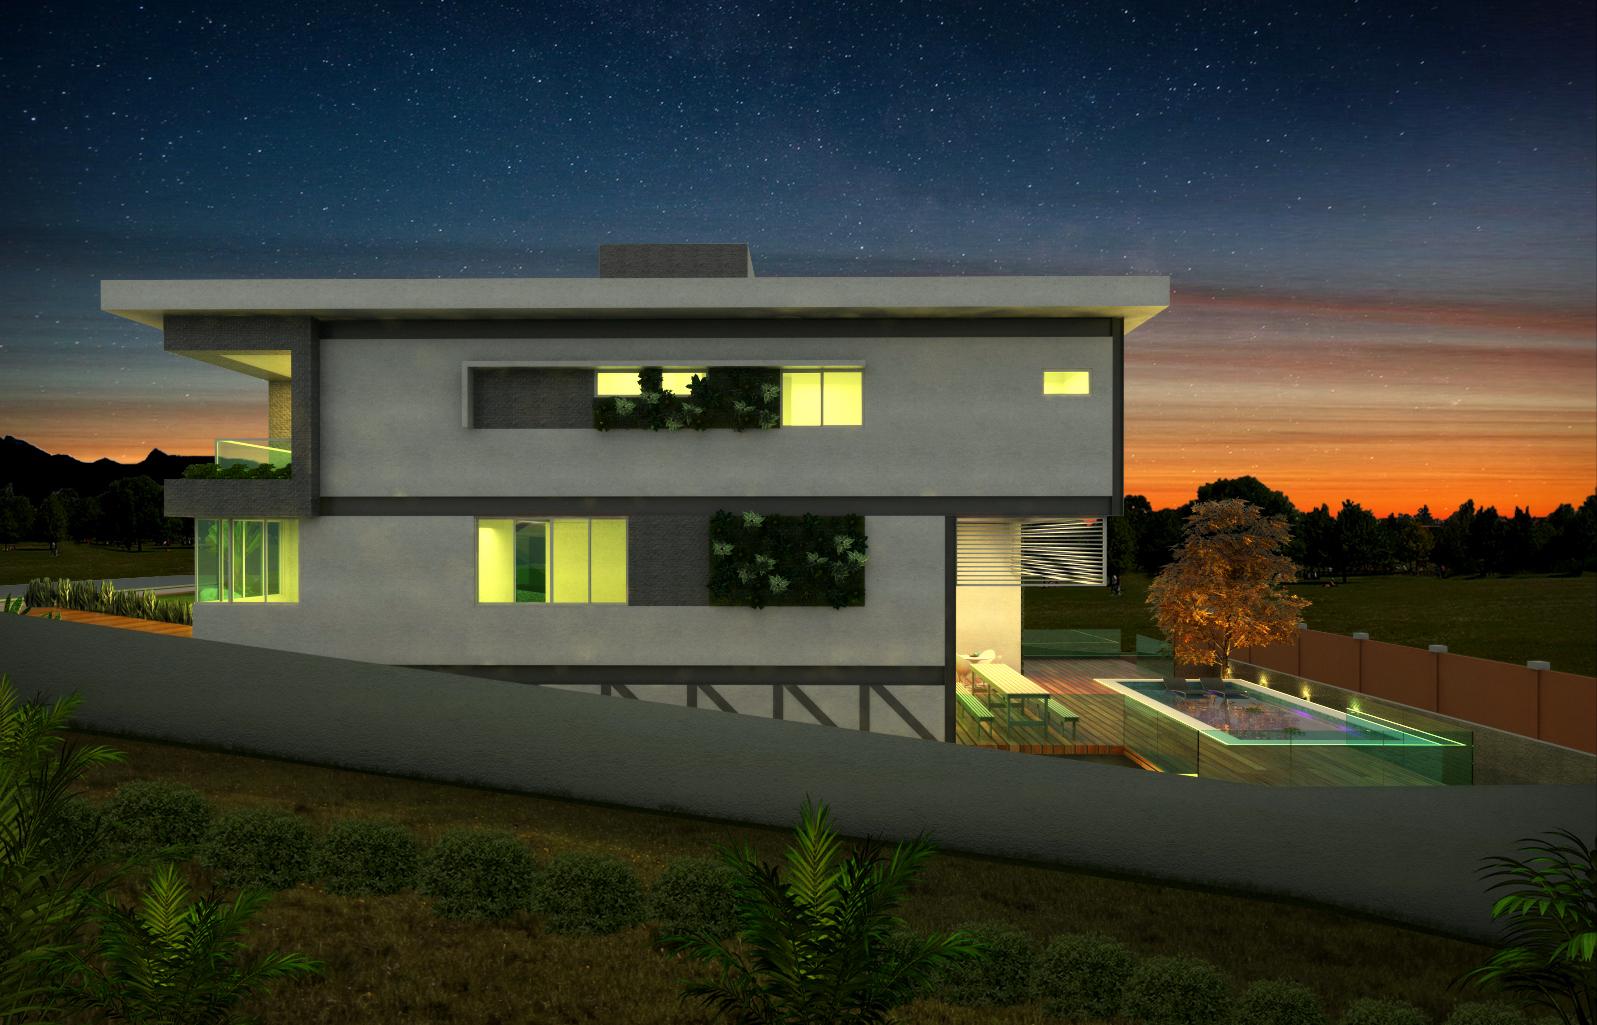 Casa da Colina Noite - 06.jpg